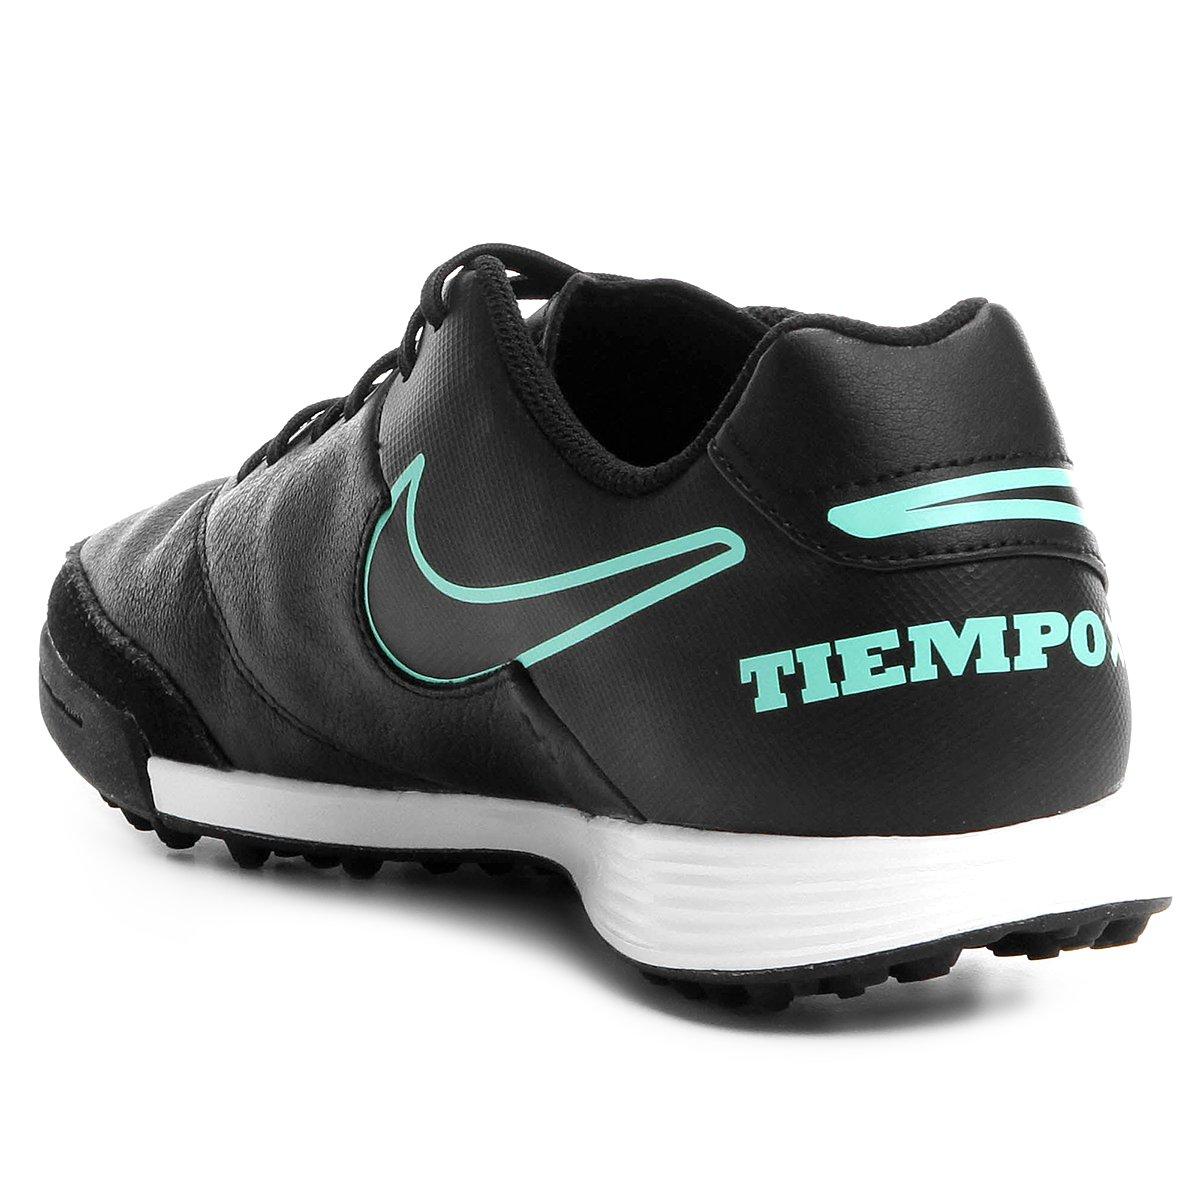 Chuteira Society Nike Tiempo Genio 2 Leather TF - Preto - Compre ... d4cd297585b2d